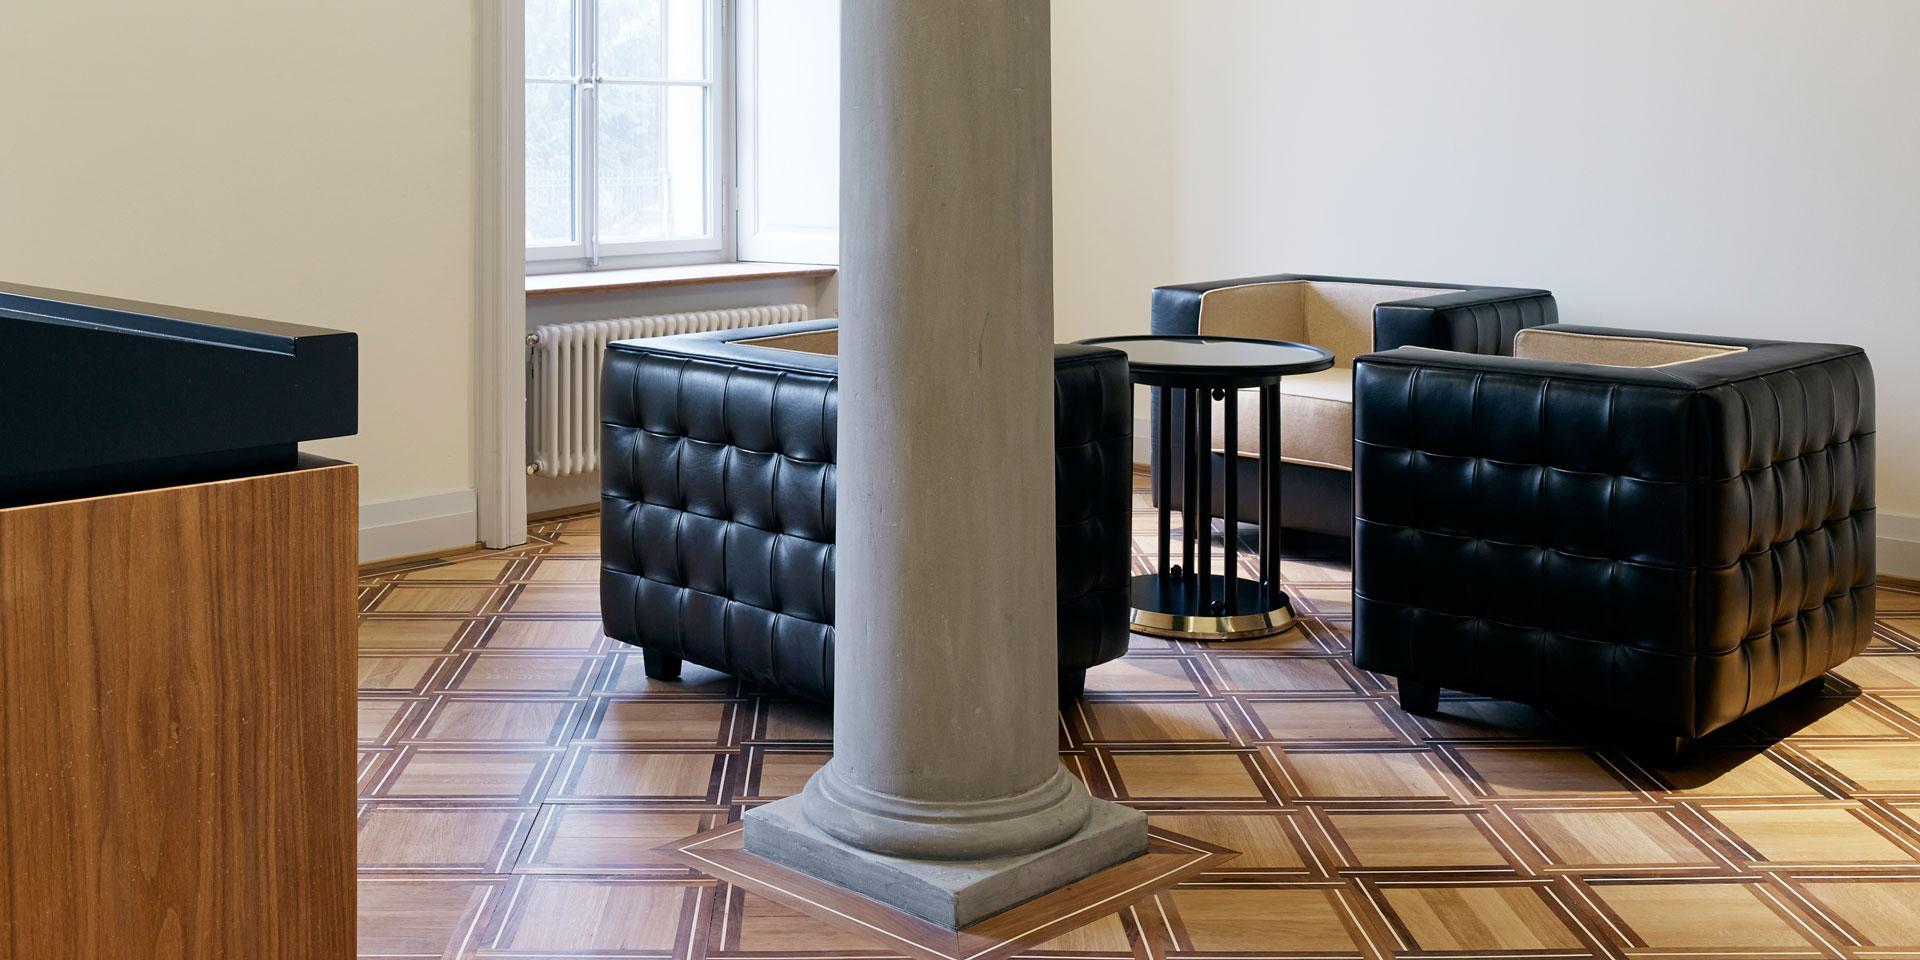 polster factory d pp polsterei schweiz polsterei schweiz polstergruppe neu beziehen. Black Bedroom Furniture Sets. Home Design Ideas